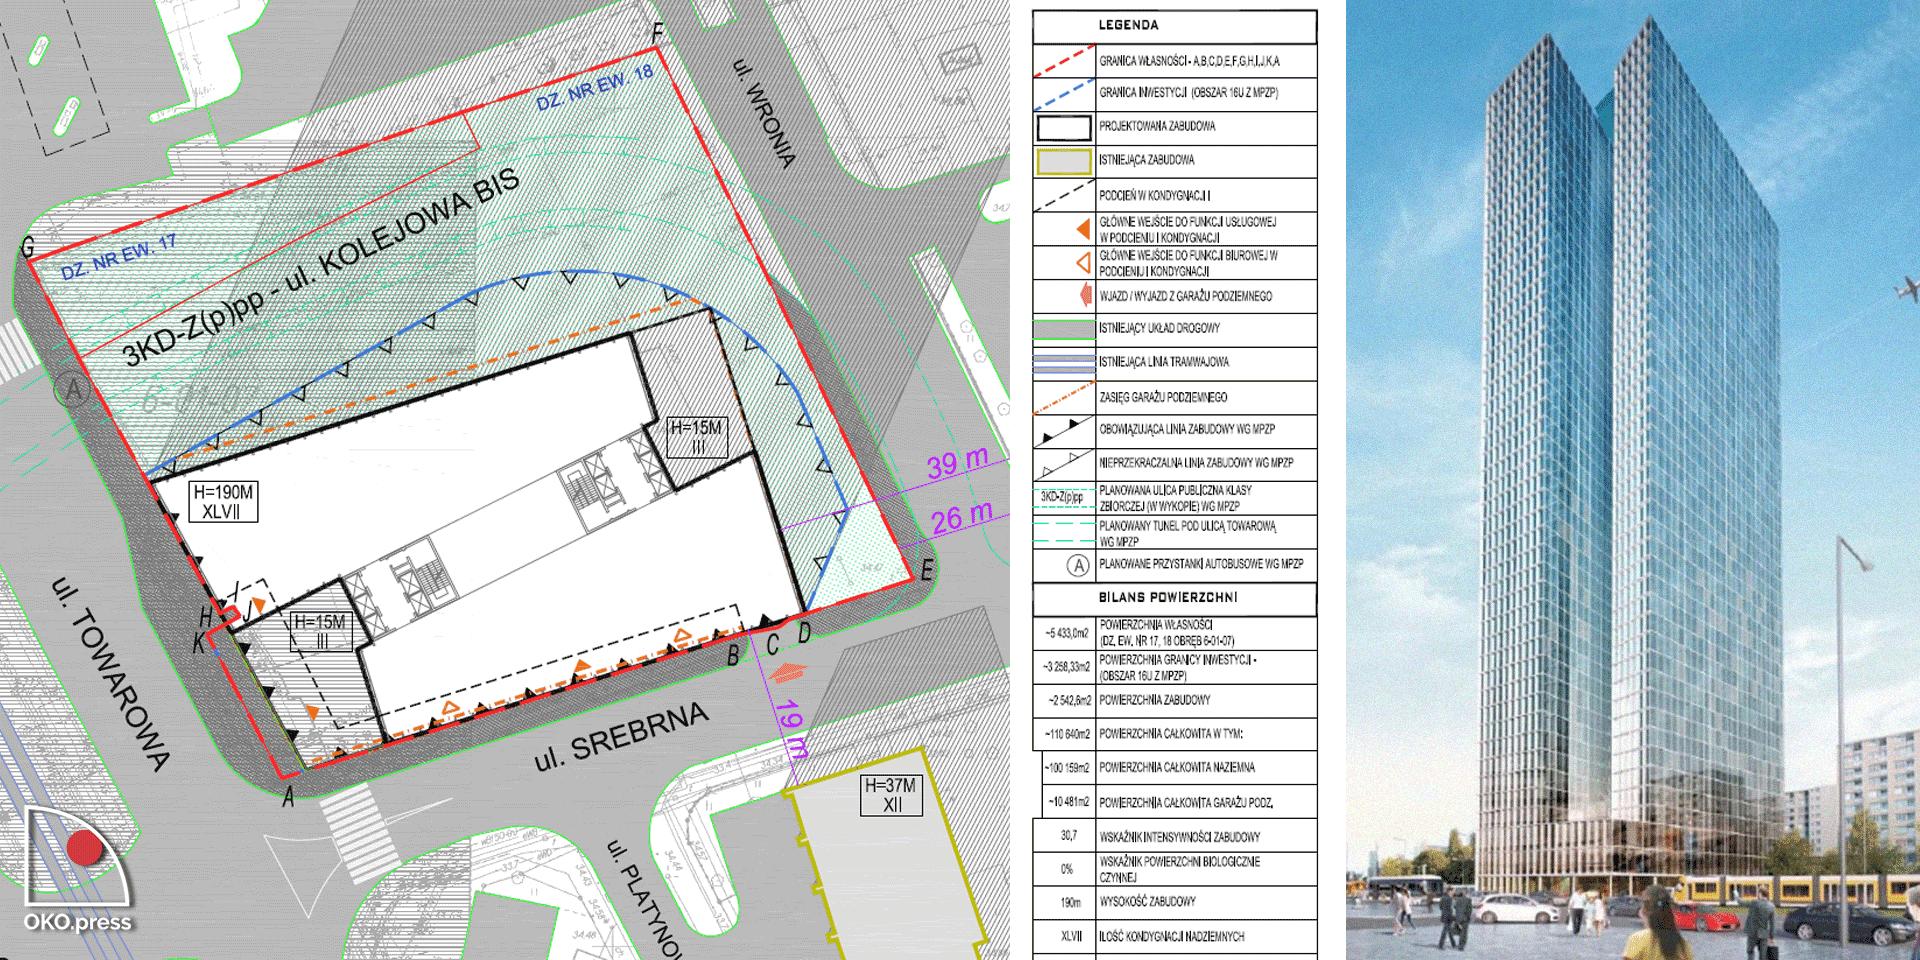 Plan parteru i wizualizacja jednej z wersji wieżowca przy Srebrnej 16